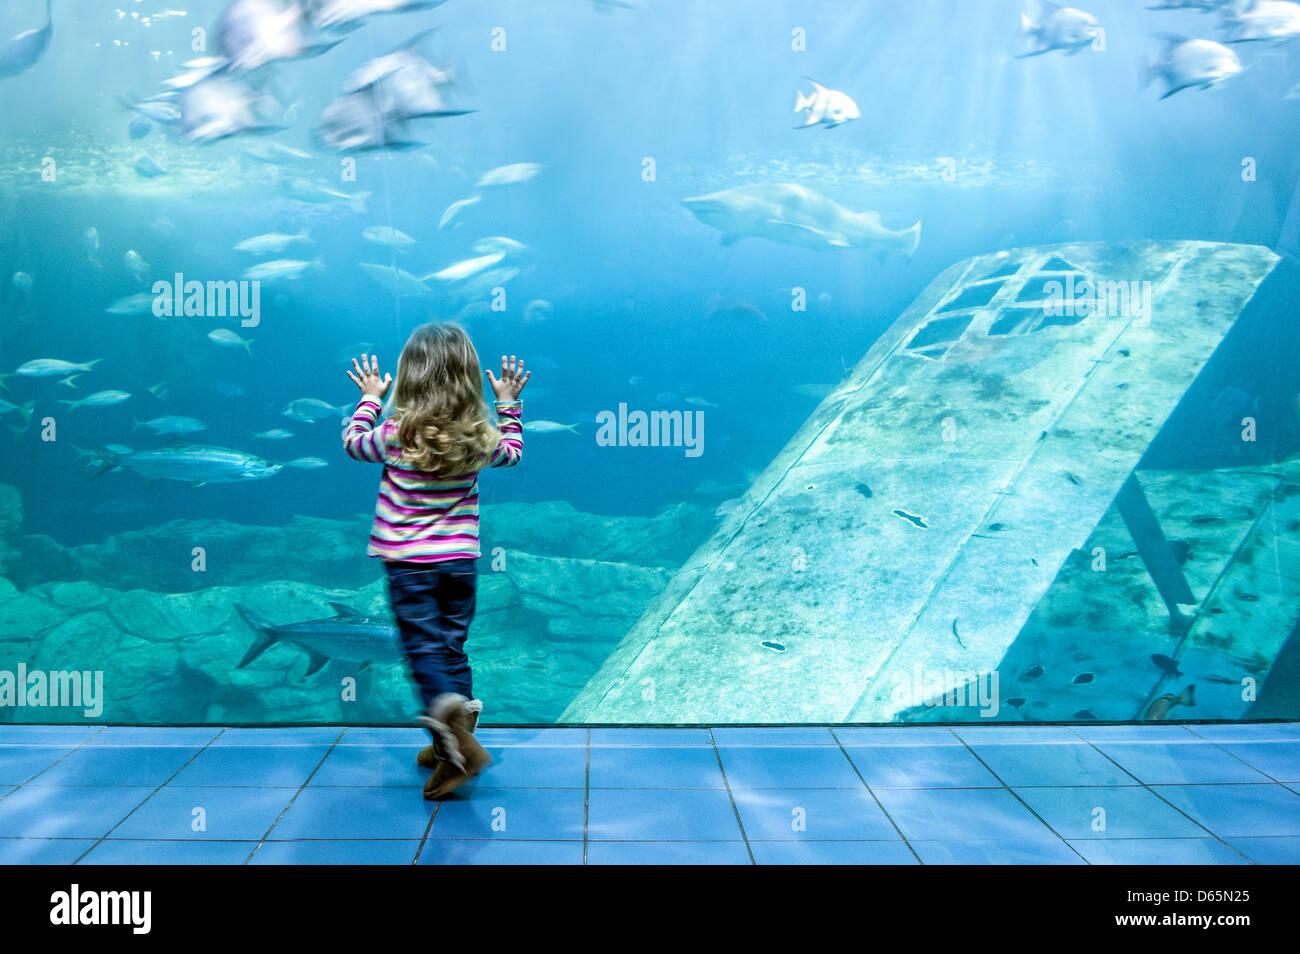 Une petite fille, les mains pressées contre la vitre de l'aquarium des requins à l'aquarium de Photo Stock